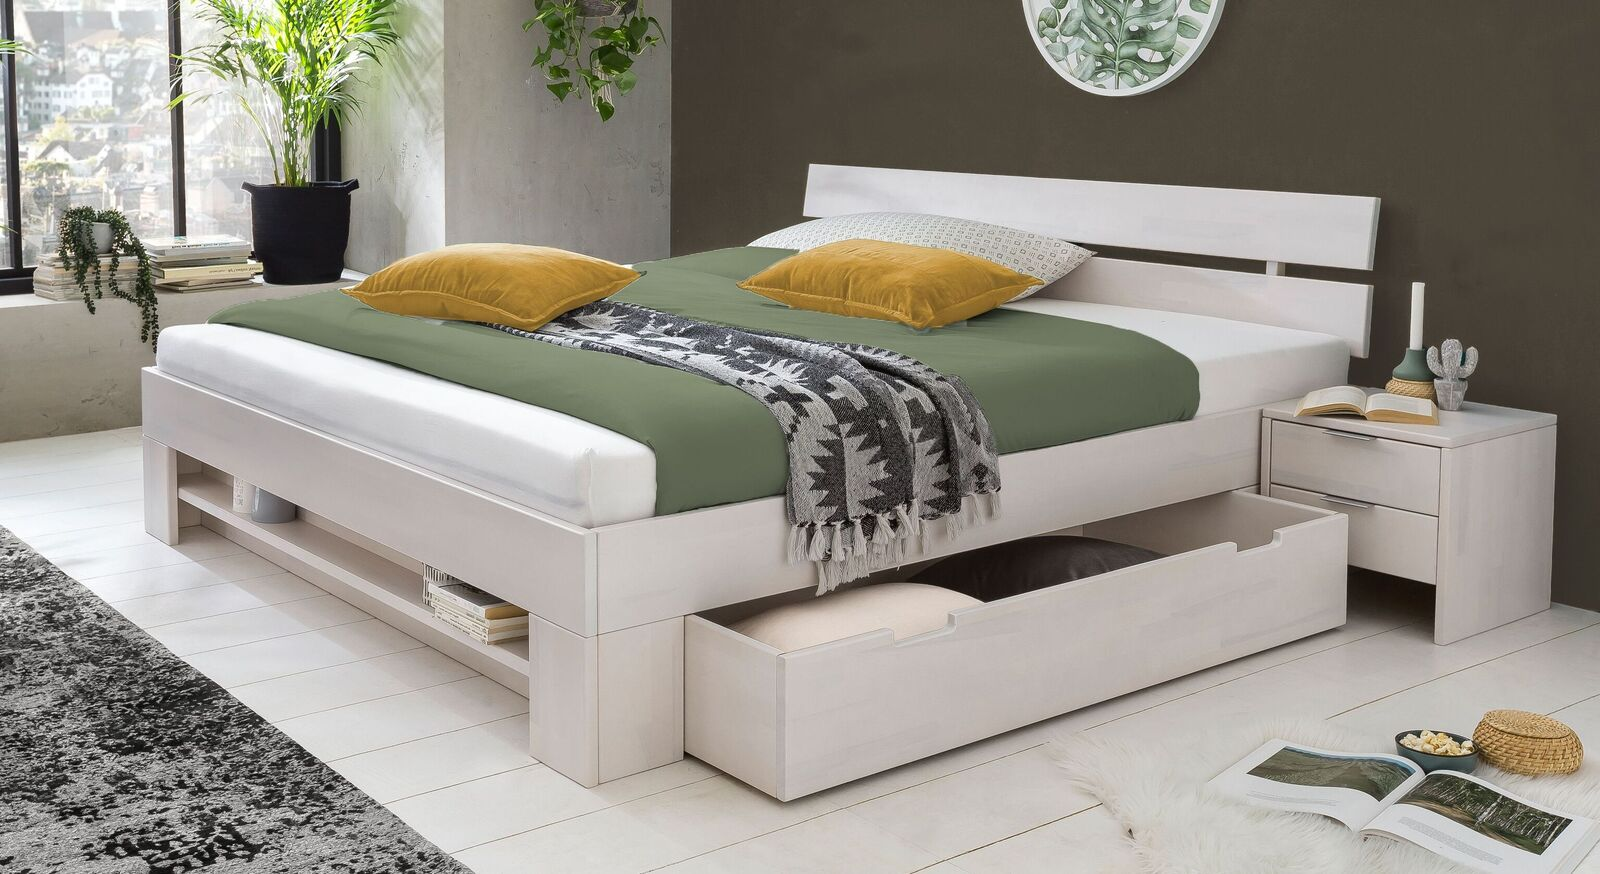 Schubkasten-Bett Valor aus weiß lackierter Kernbuche